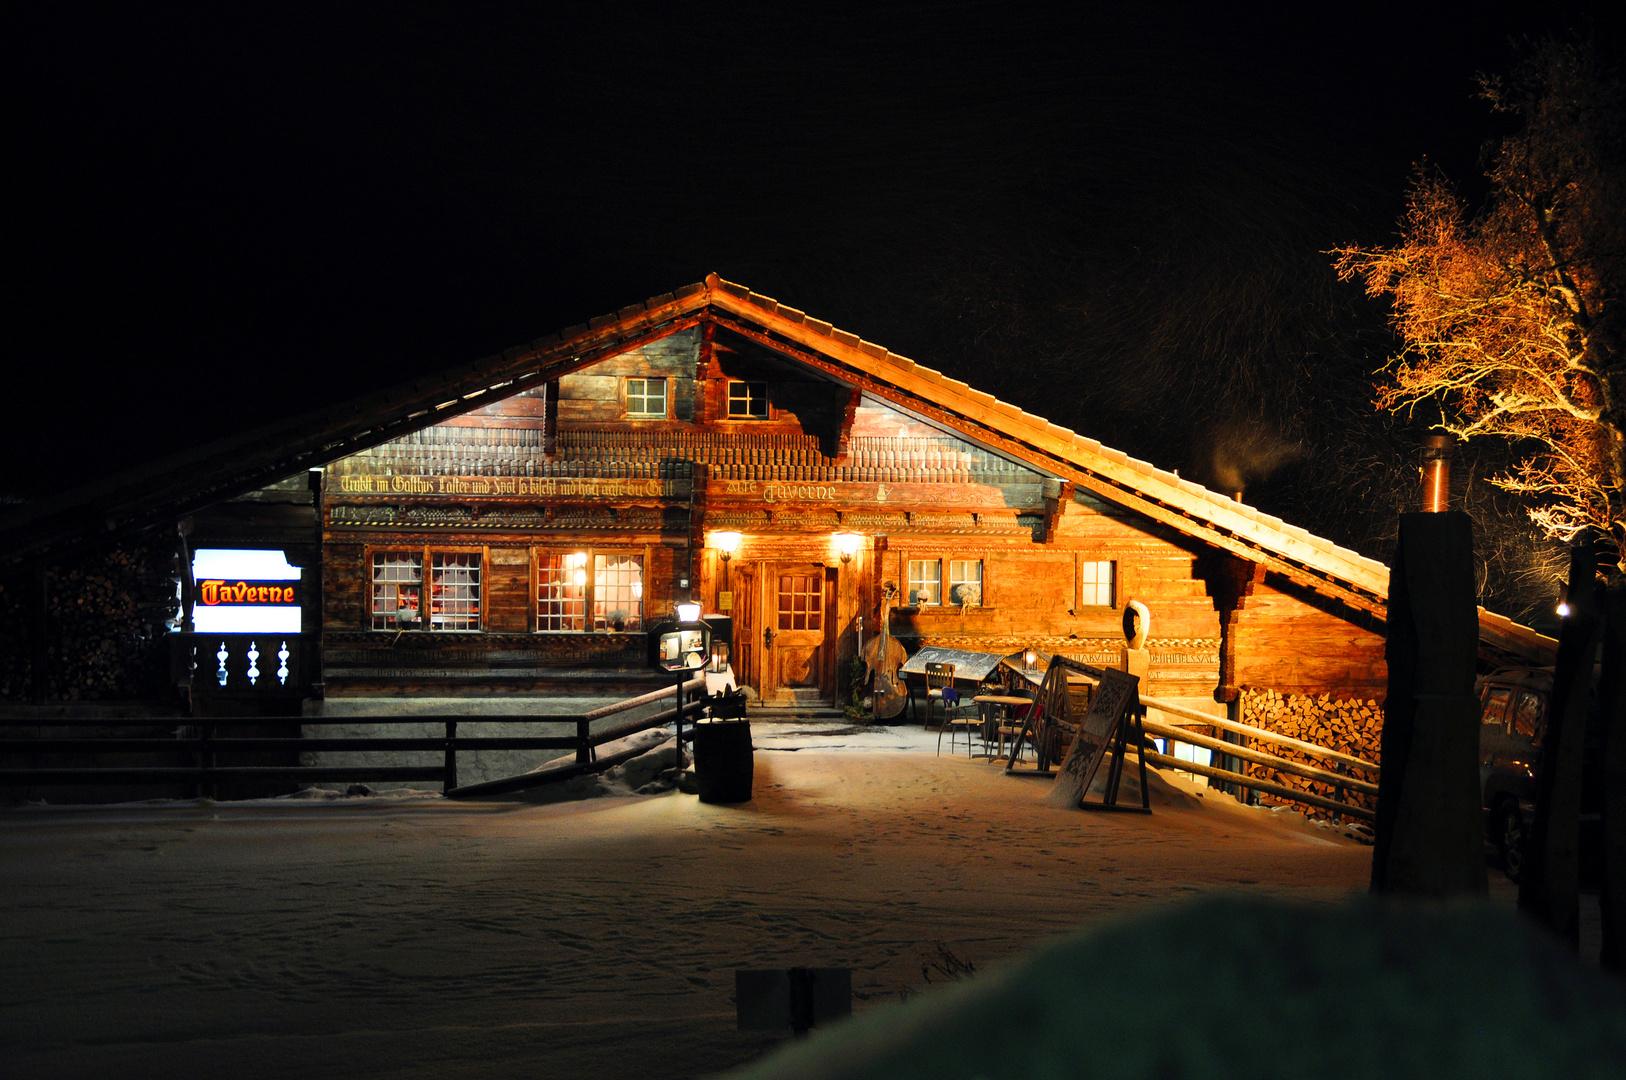 Taverne Adelboden